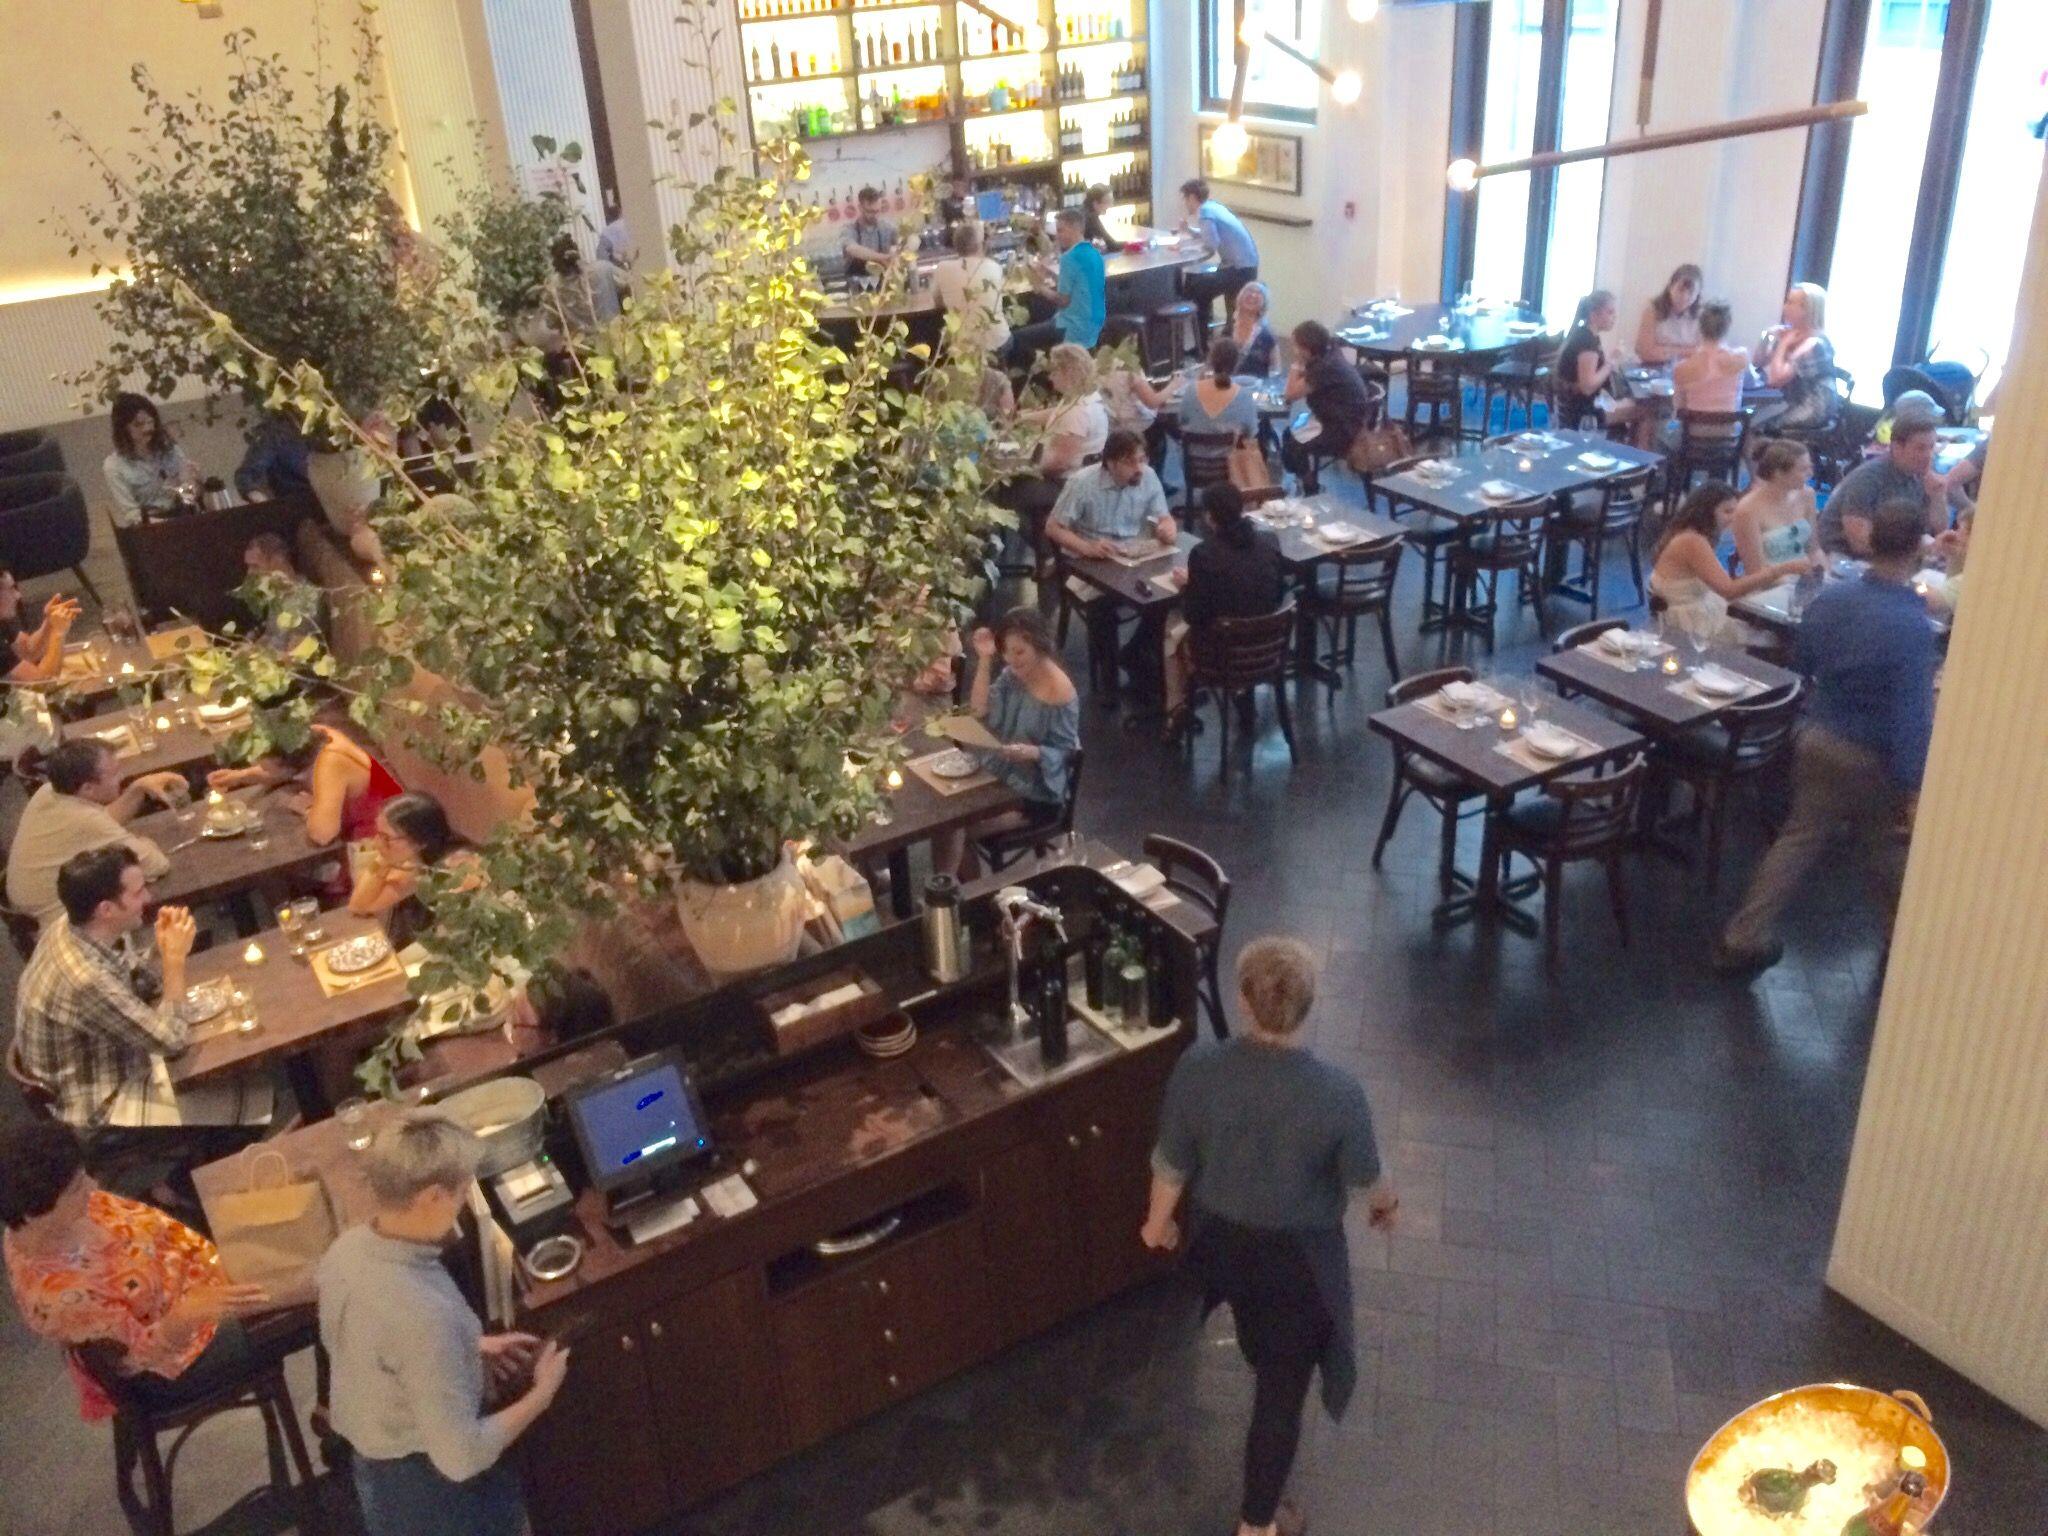 Marta S Restaurant At 29 E 29 Nyc Ny Restaurant Real Estate